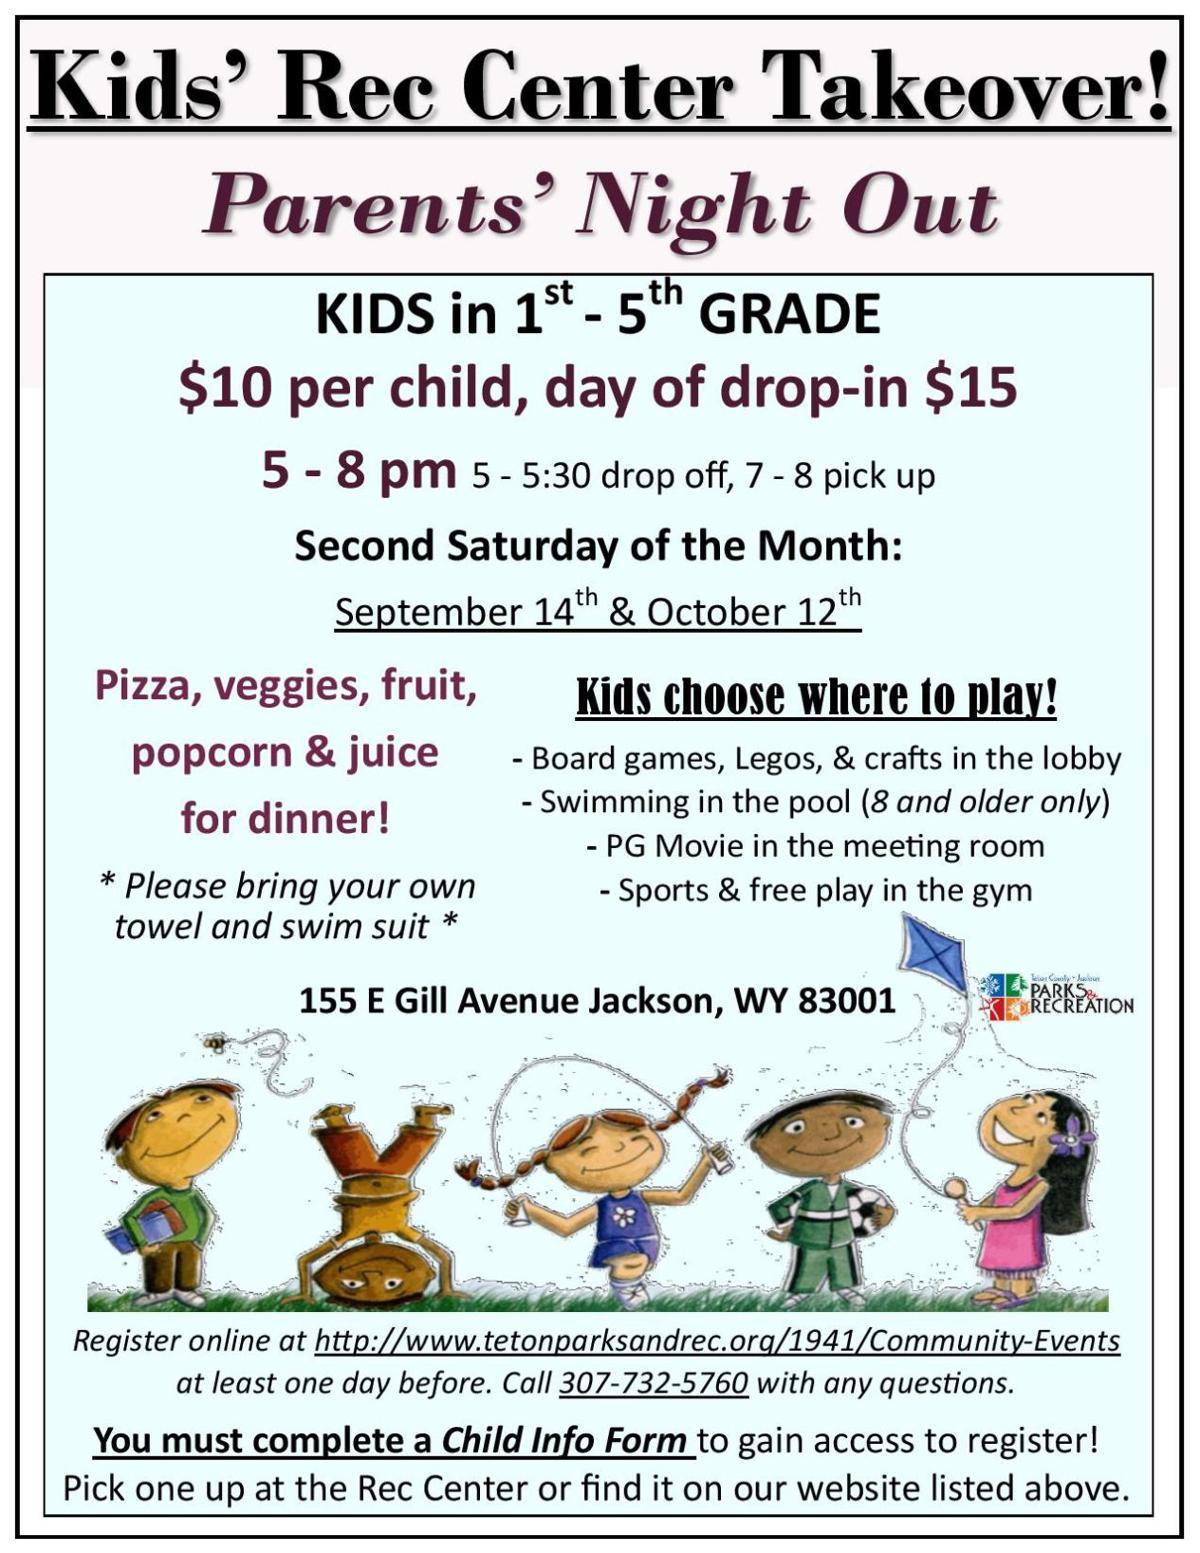 Kids' Rec Center Takeover Flyer